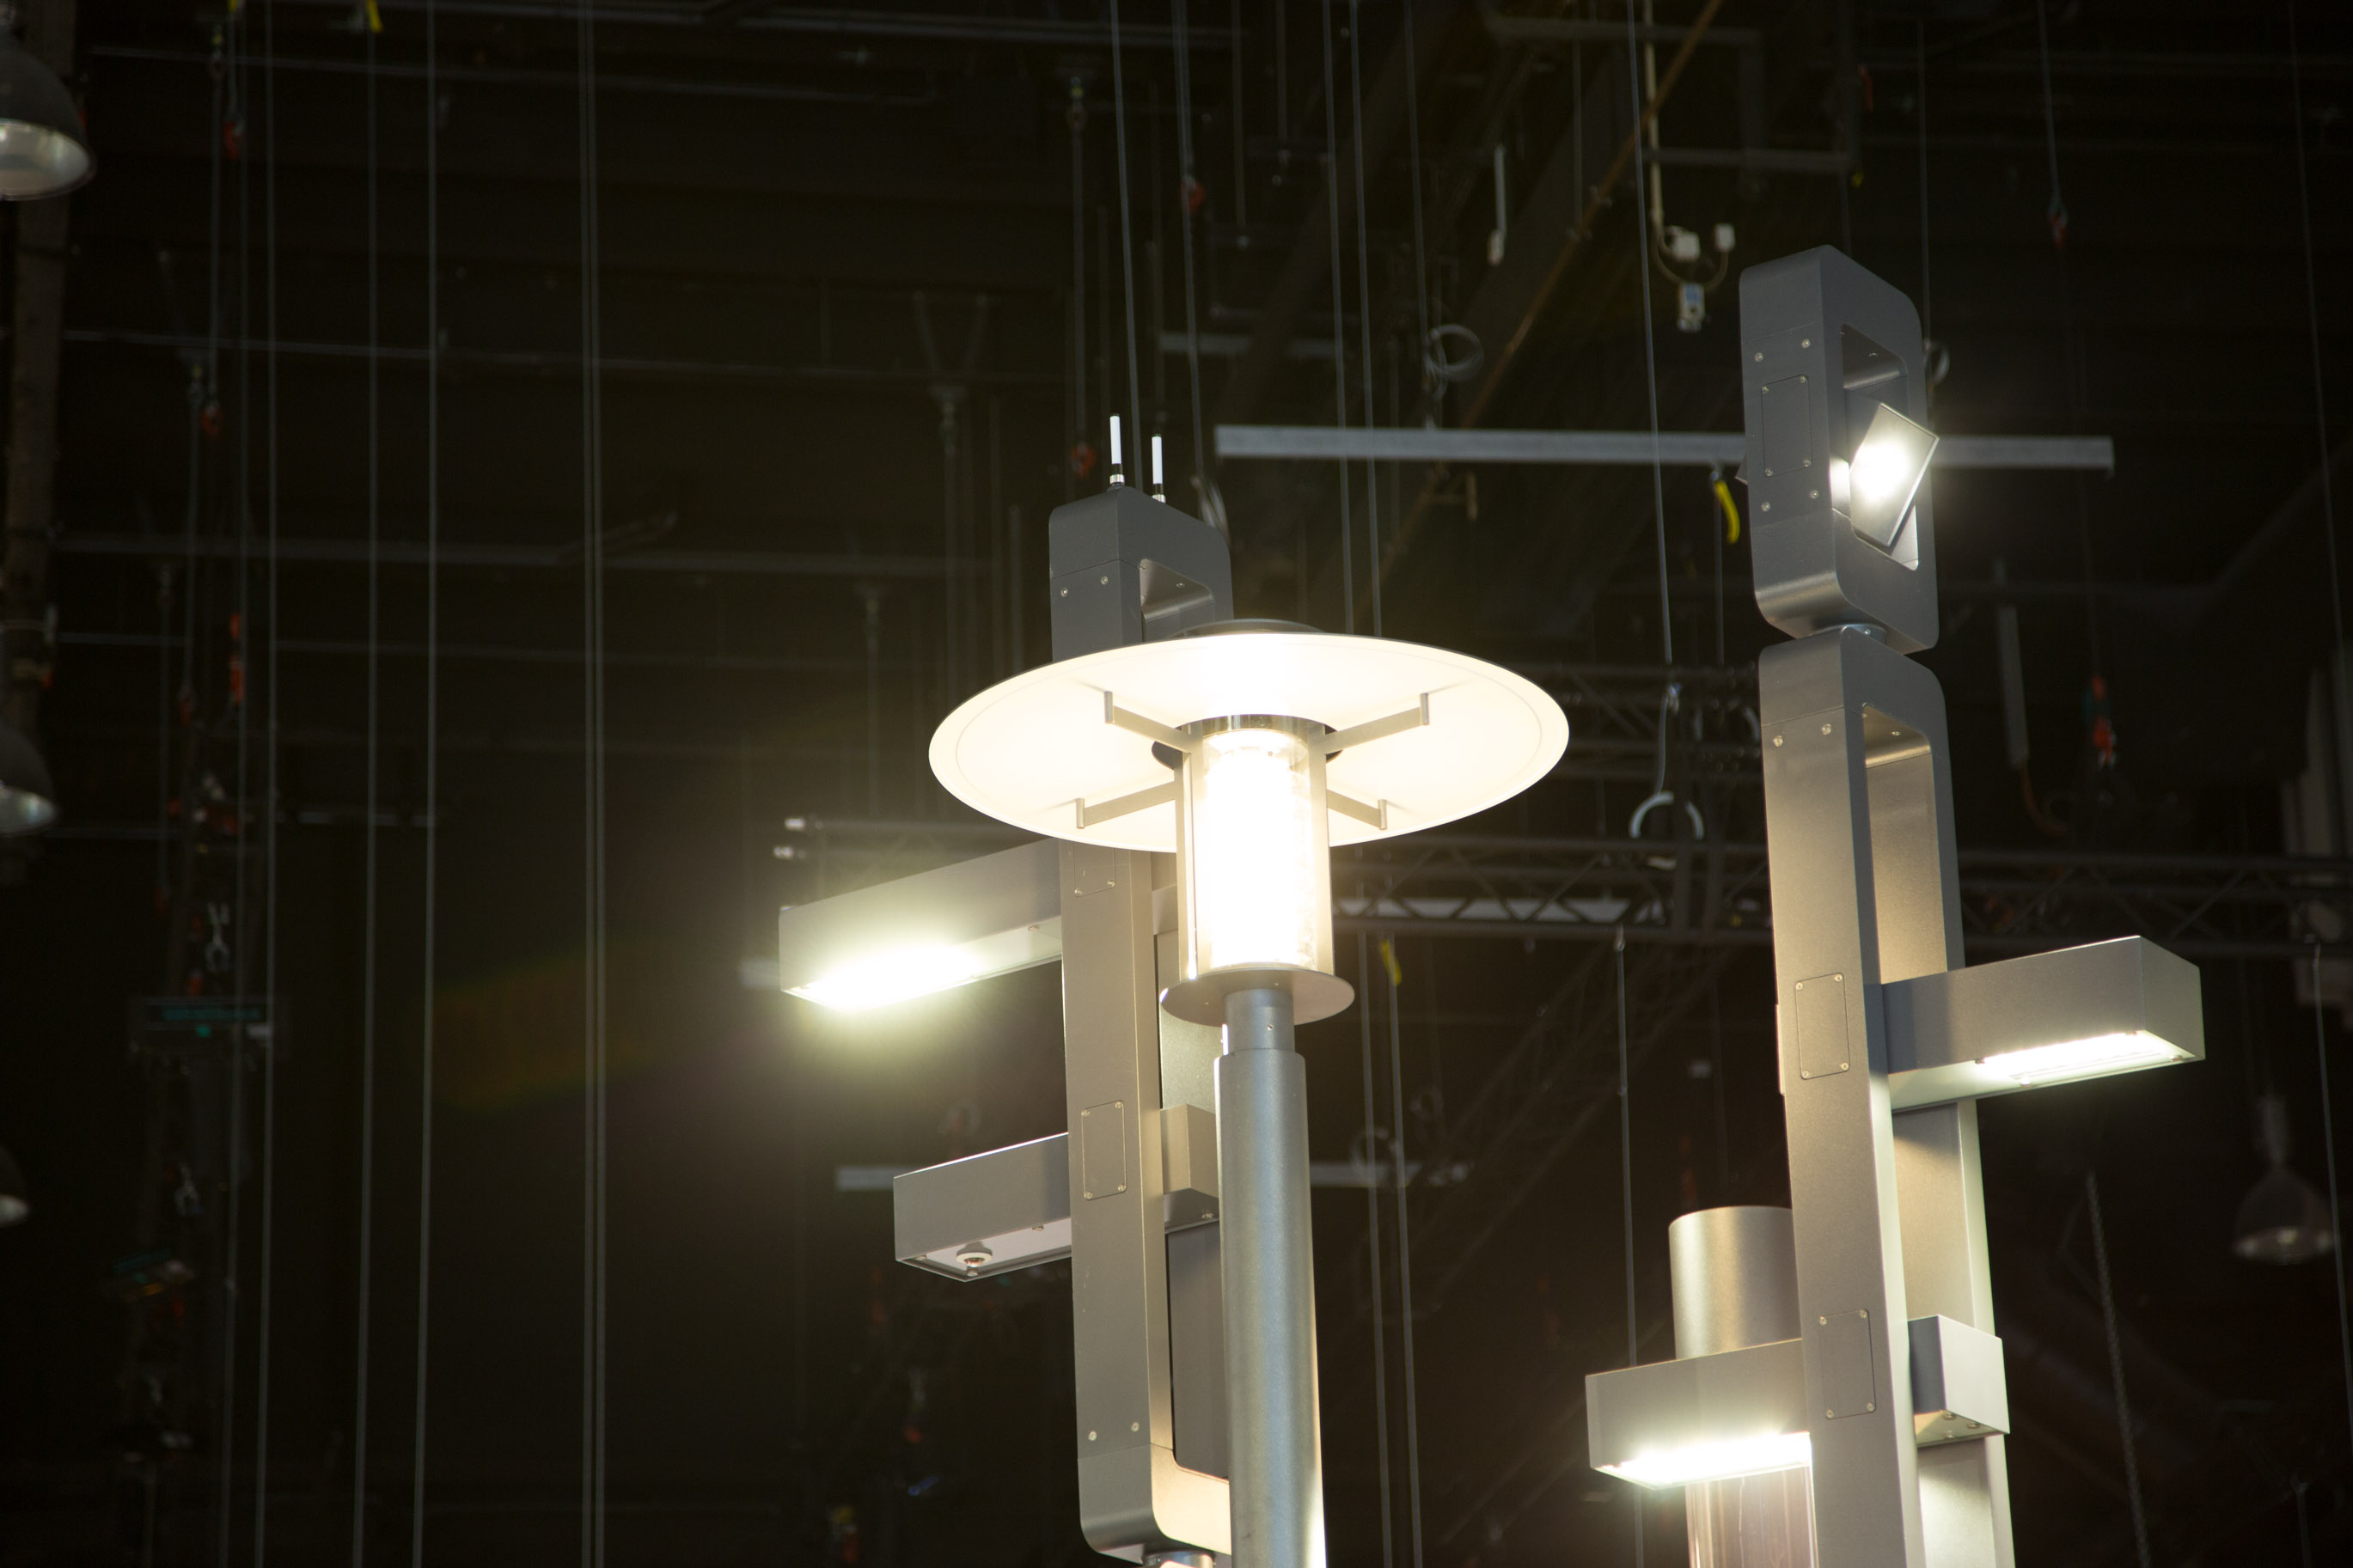 Straßenleuchten: Nach der LED kommt die Intelligenz -